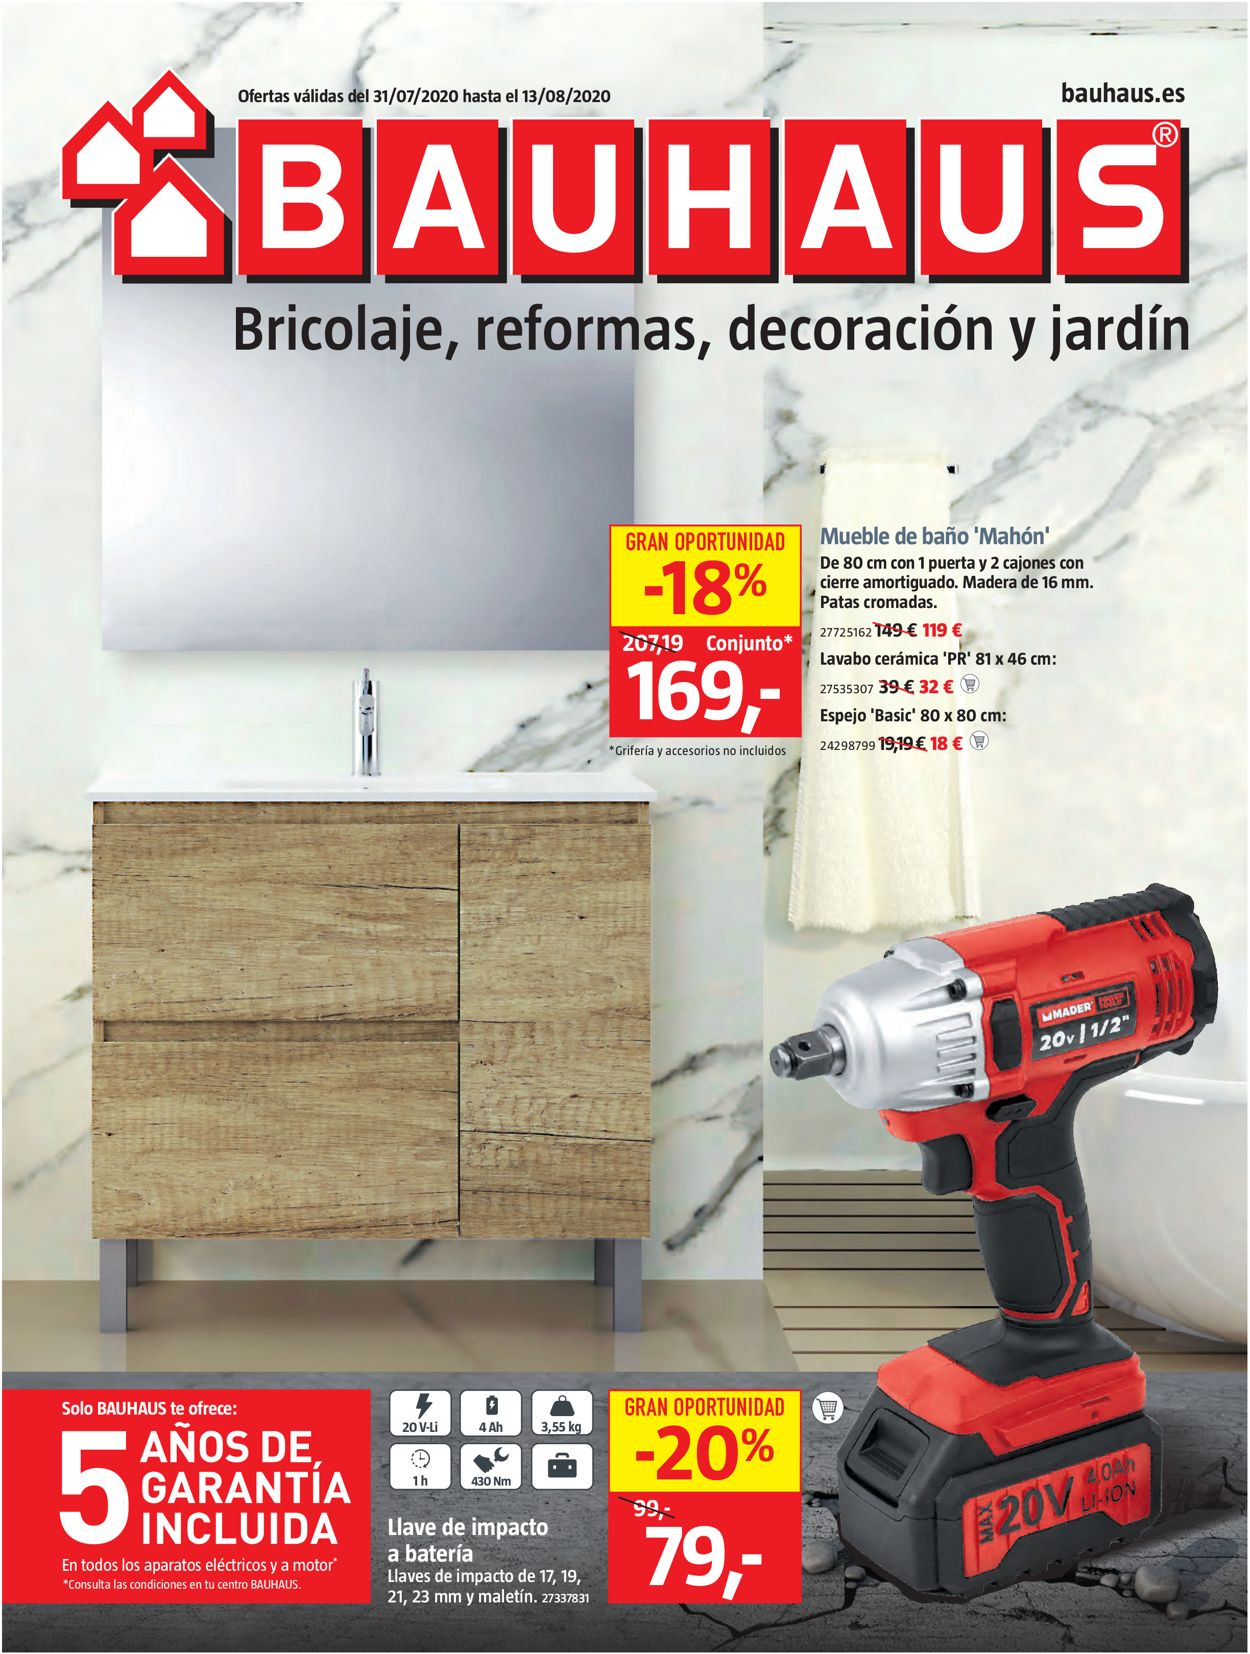 Bauhaus Folleto - 31.07-13.08.2020